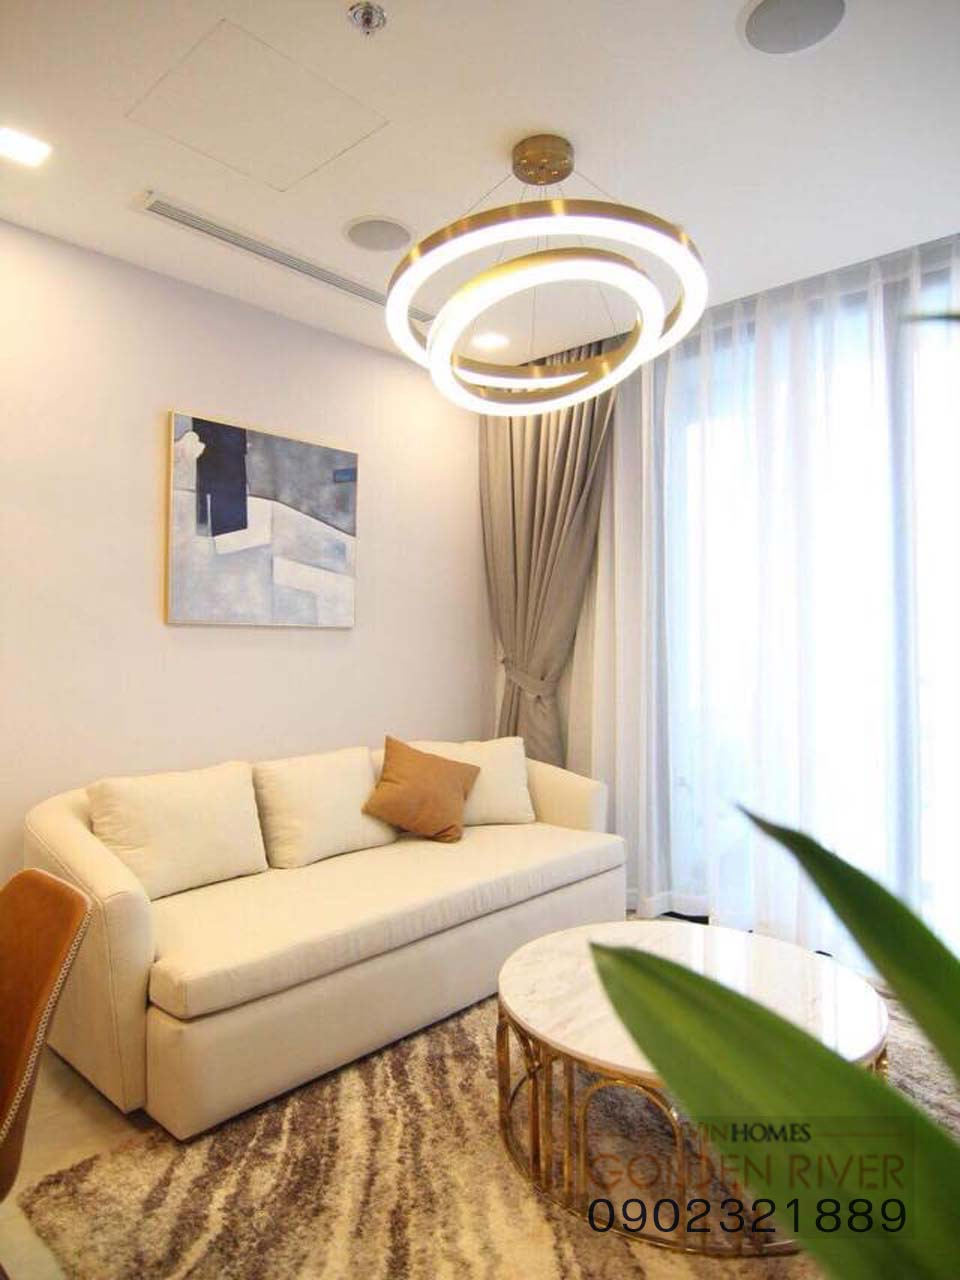 Vinhome Ba Son cho thuê căn hộ 51m2 nội thất cực đẹp - hình 5